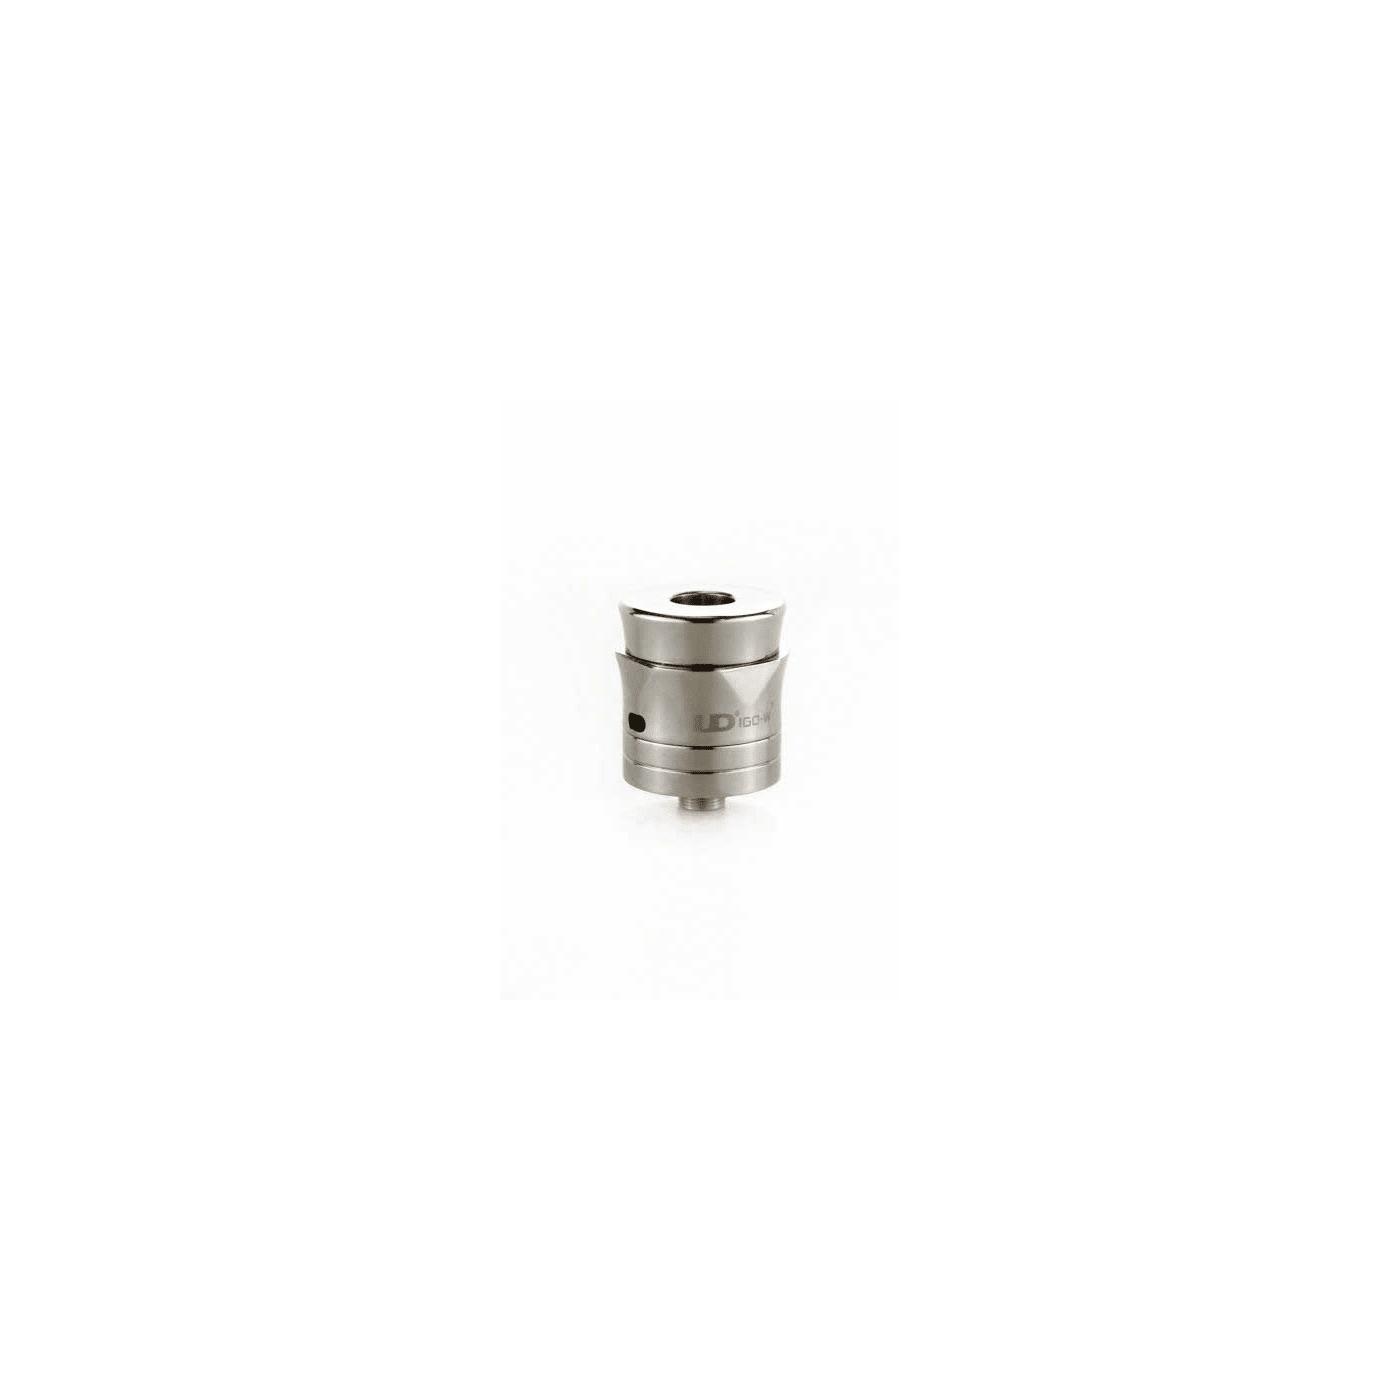 IGO - W7 - Rebuildable Atomizer - Stainless